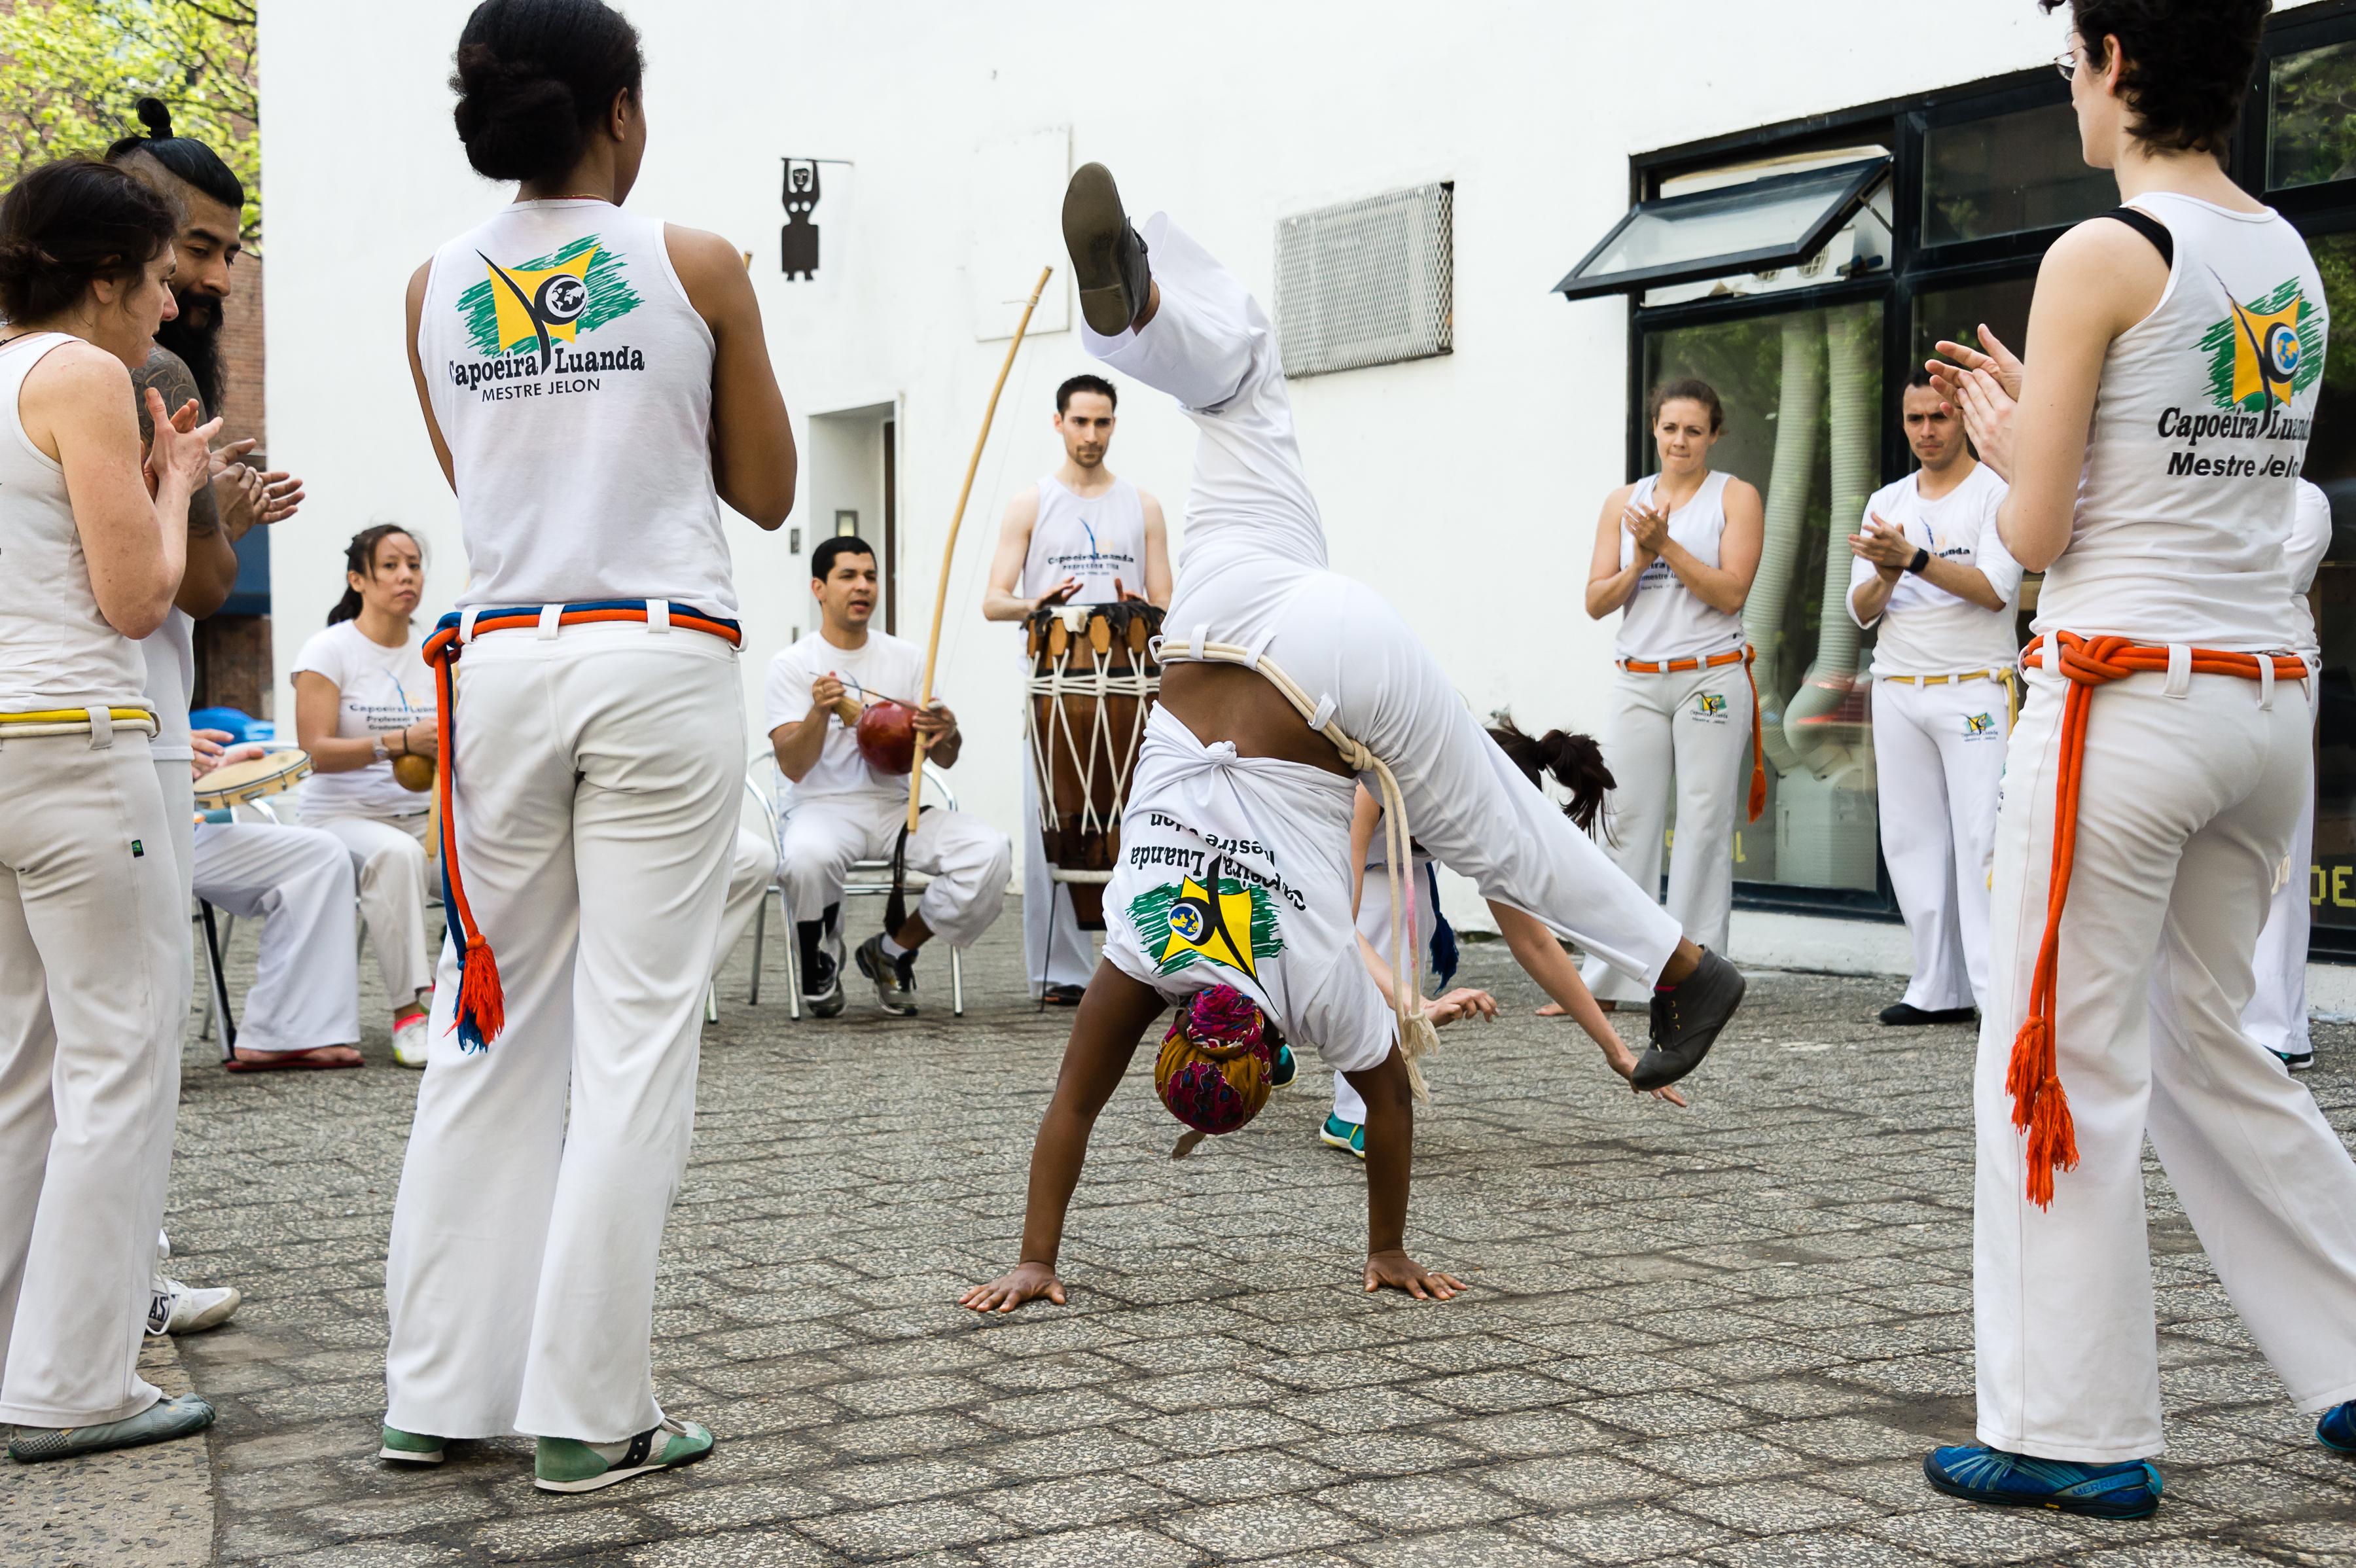 Capoeira Luanda